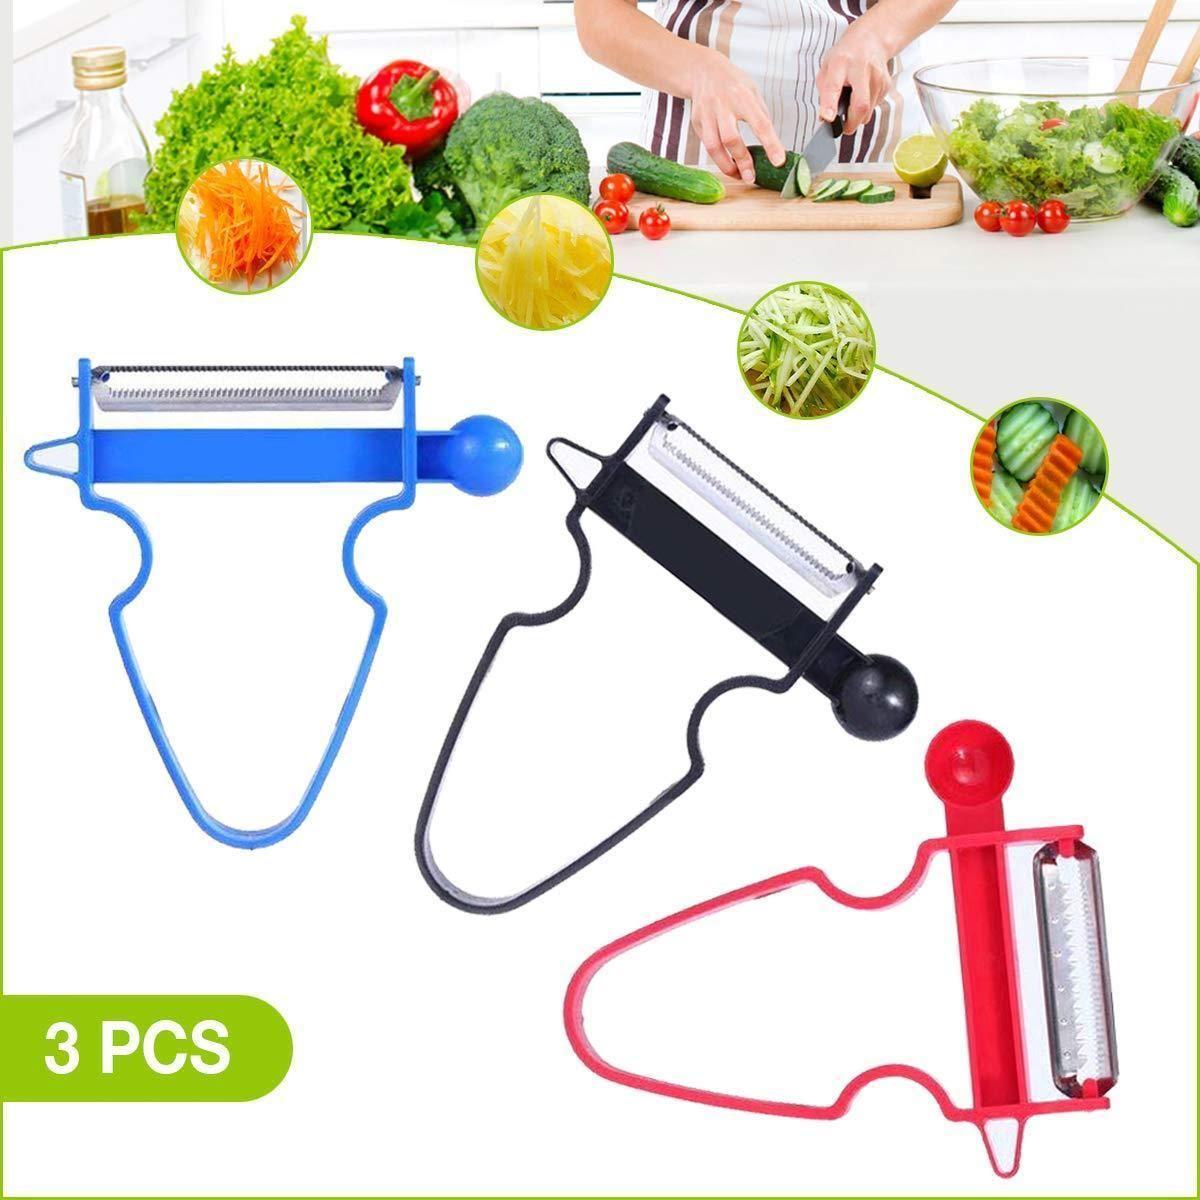 3pcs//set Pro Magic Trio Peeler Vegetable Fruit Julienne Creative Accessory